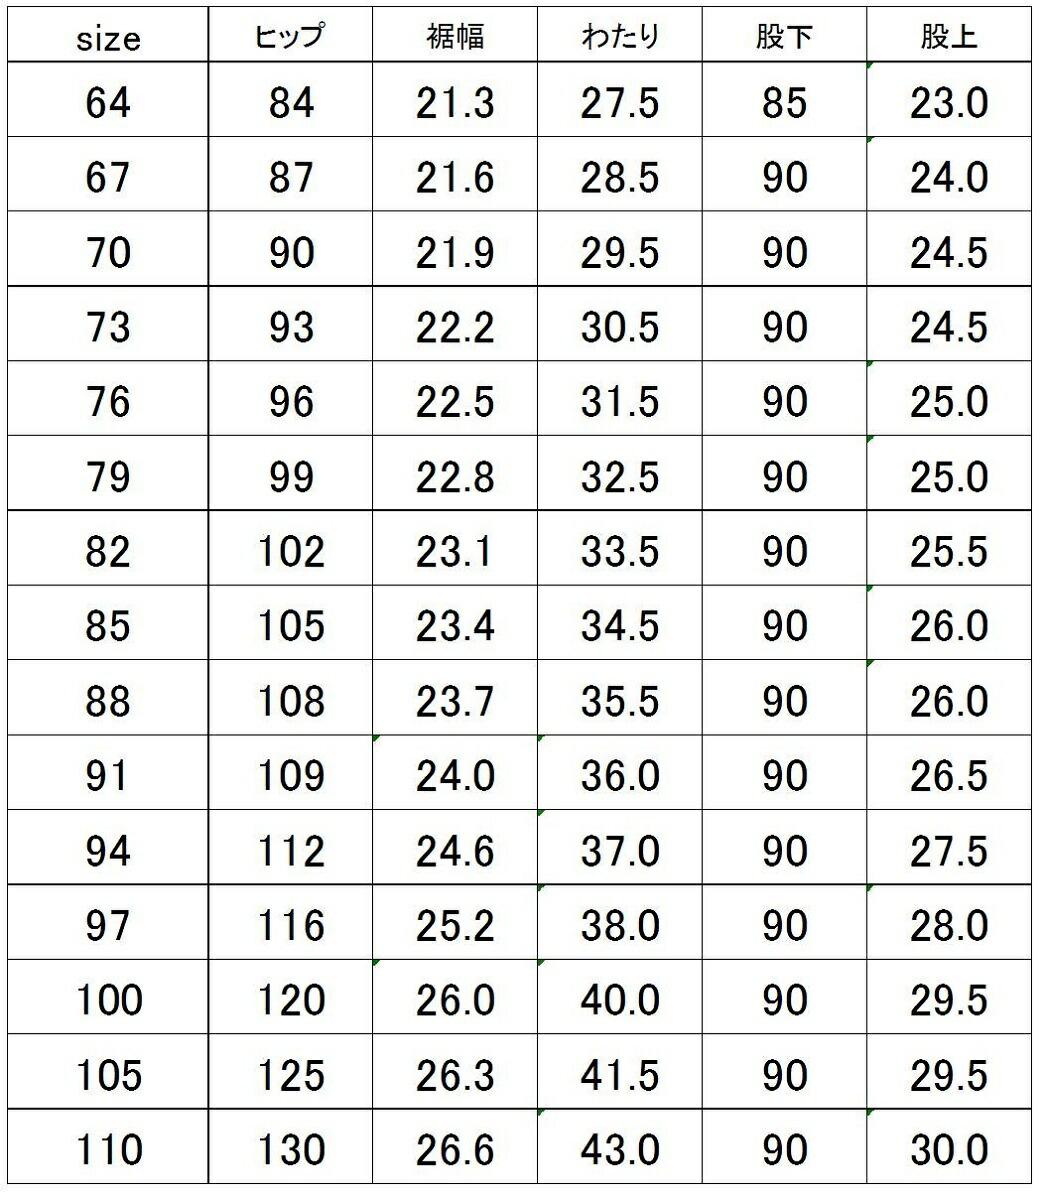 スラックスサイズ表